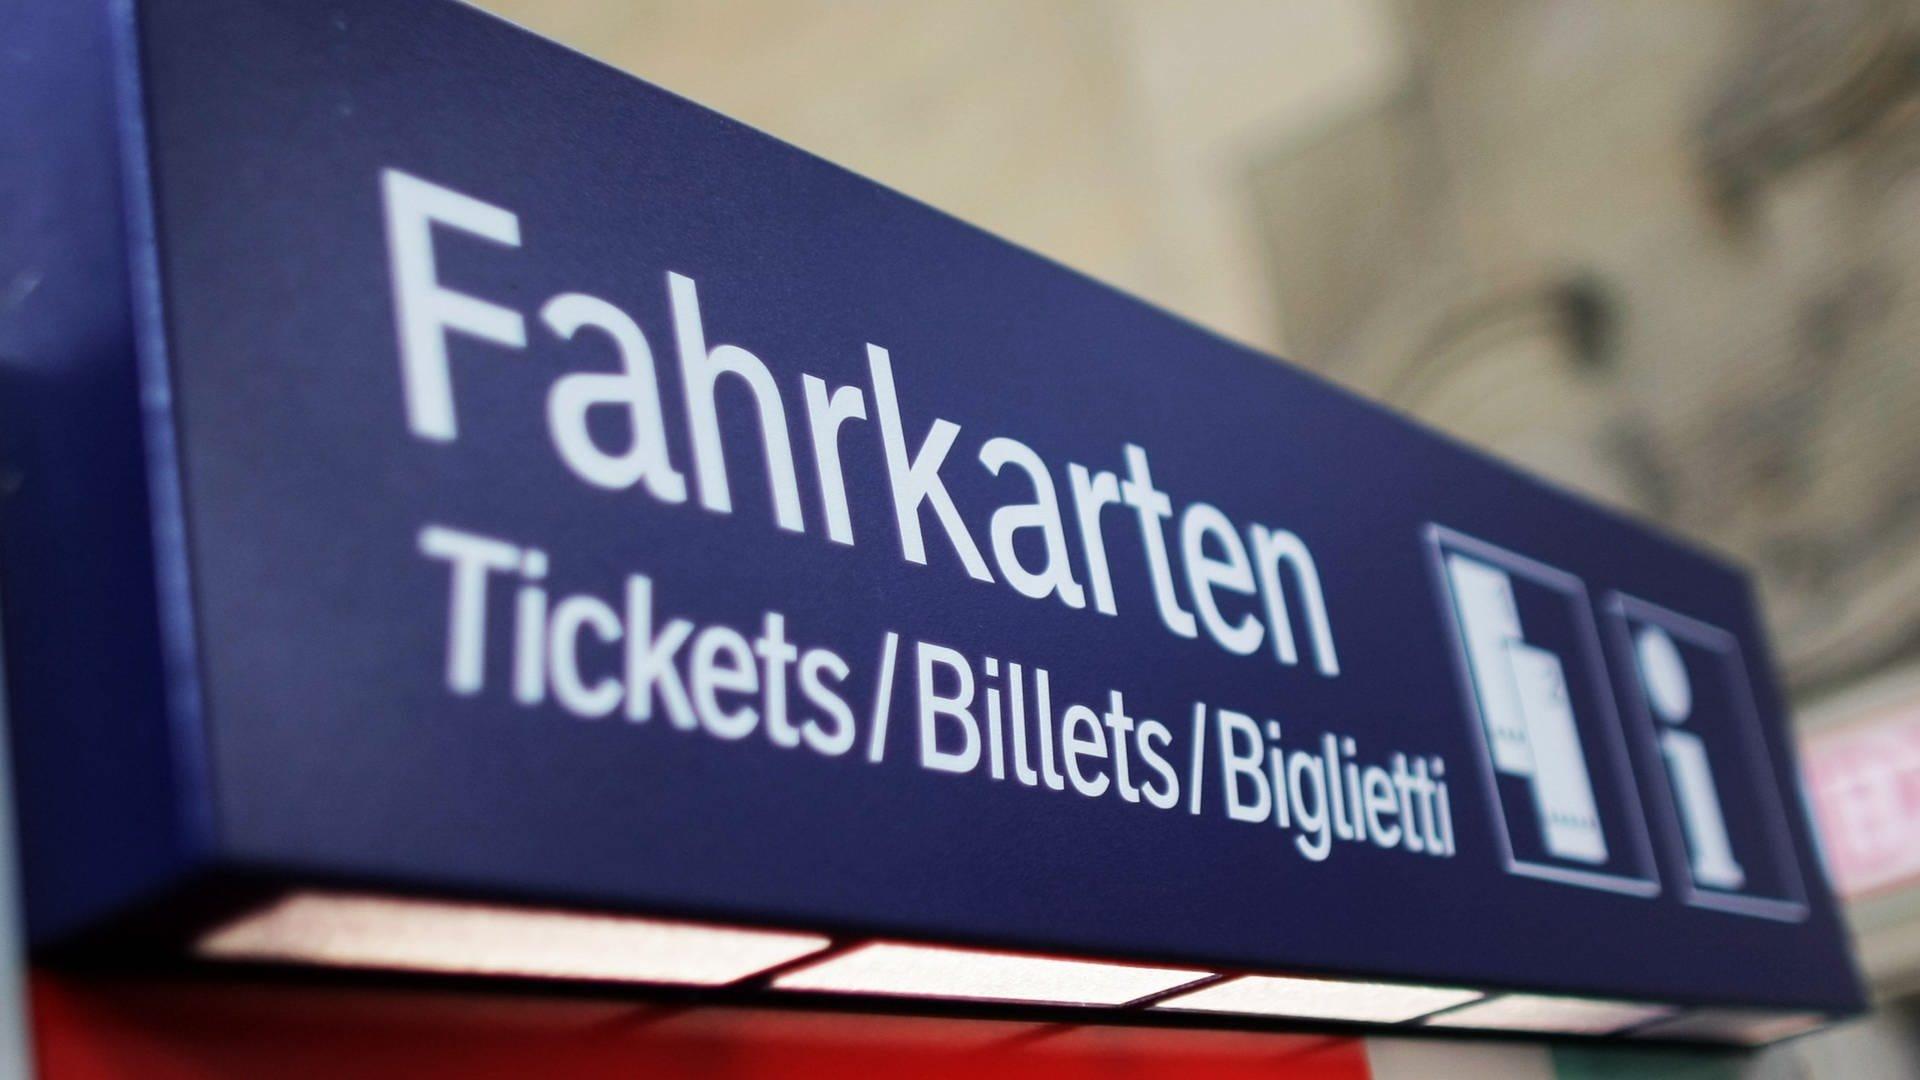 deutsche bahn tickets günstig